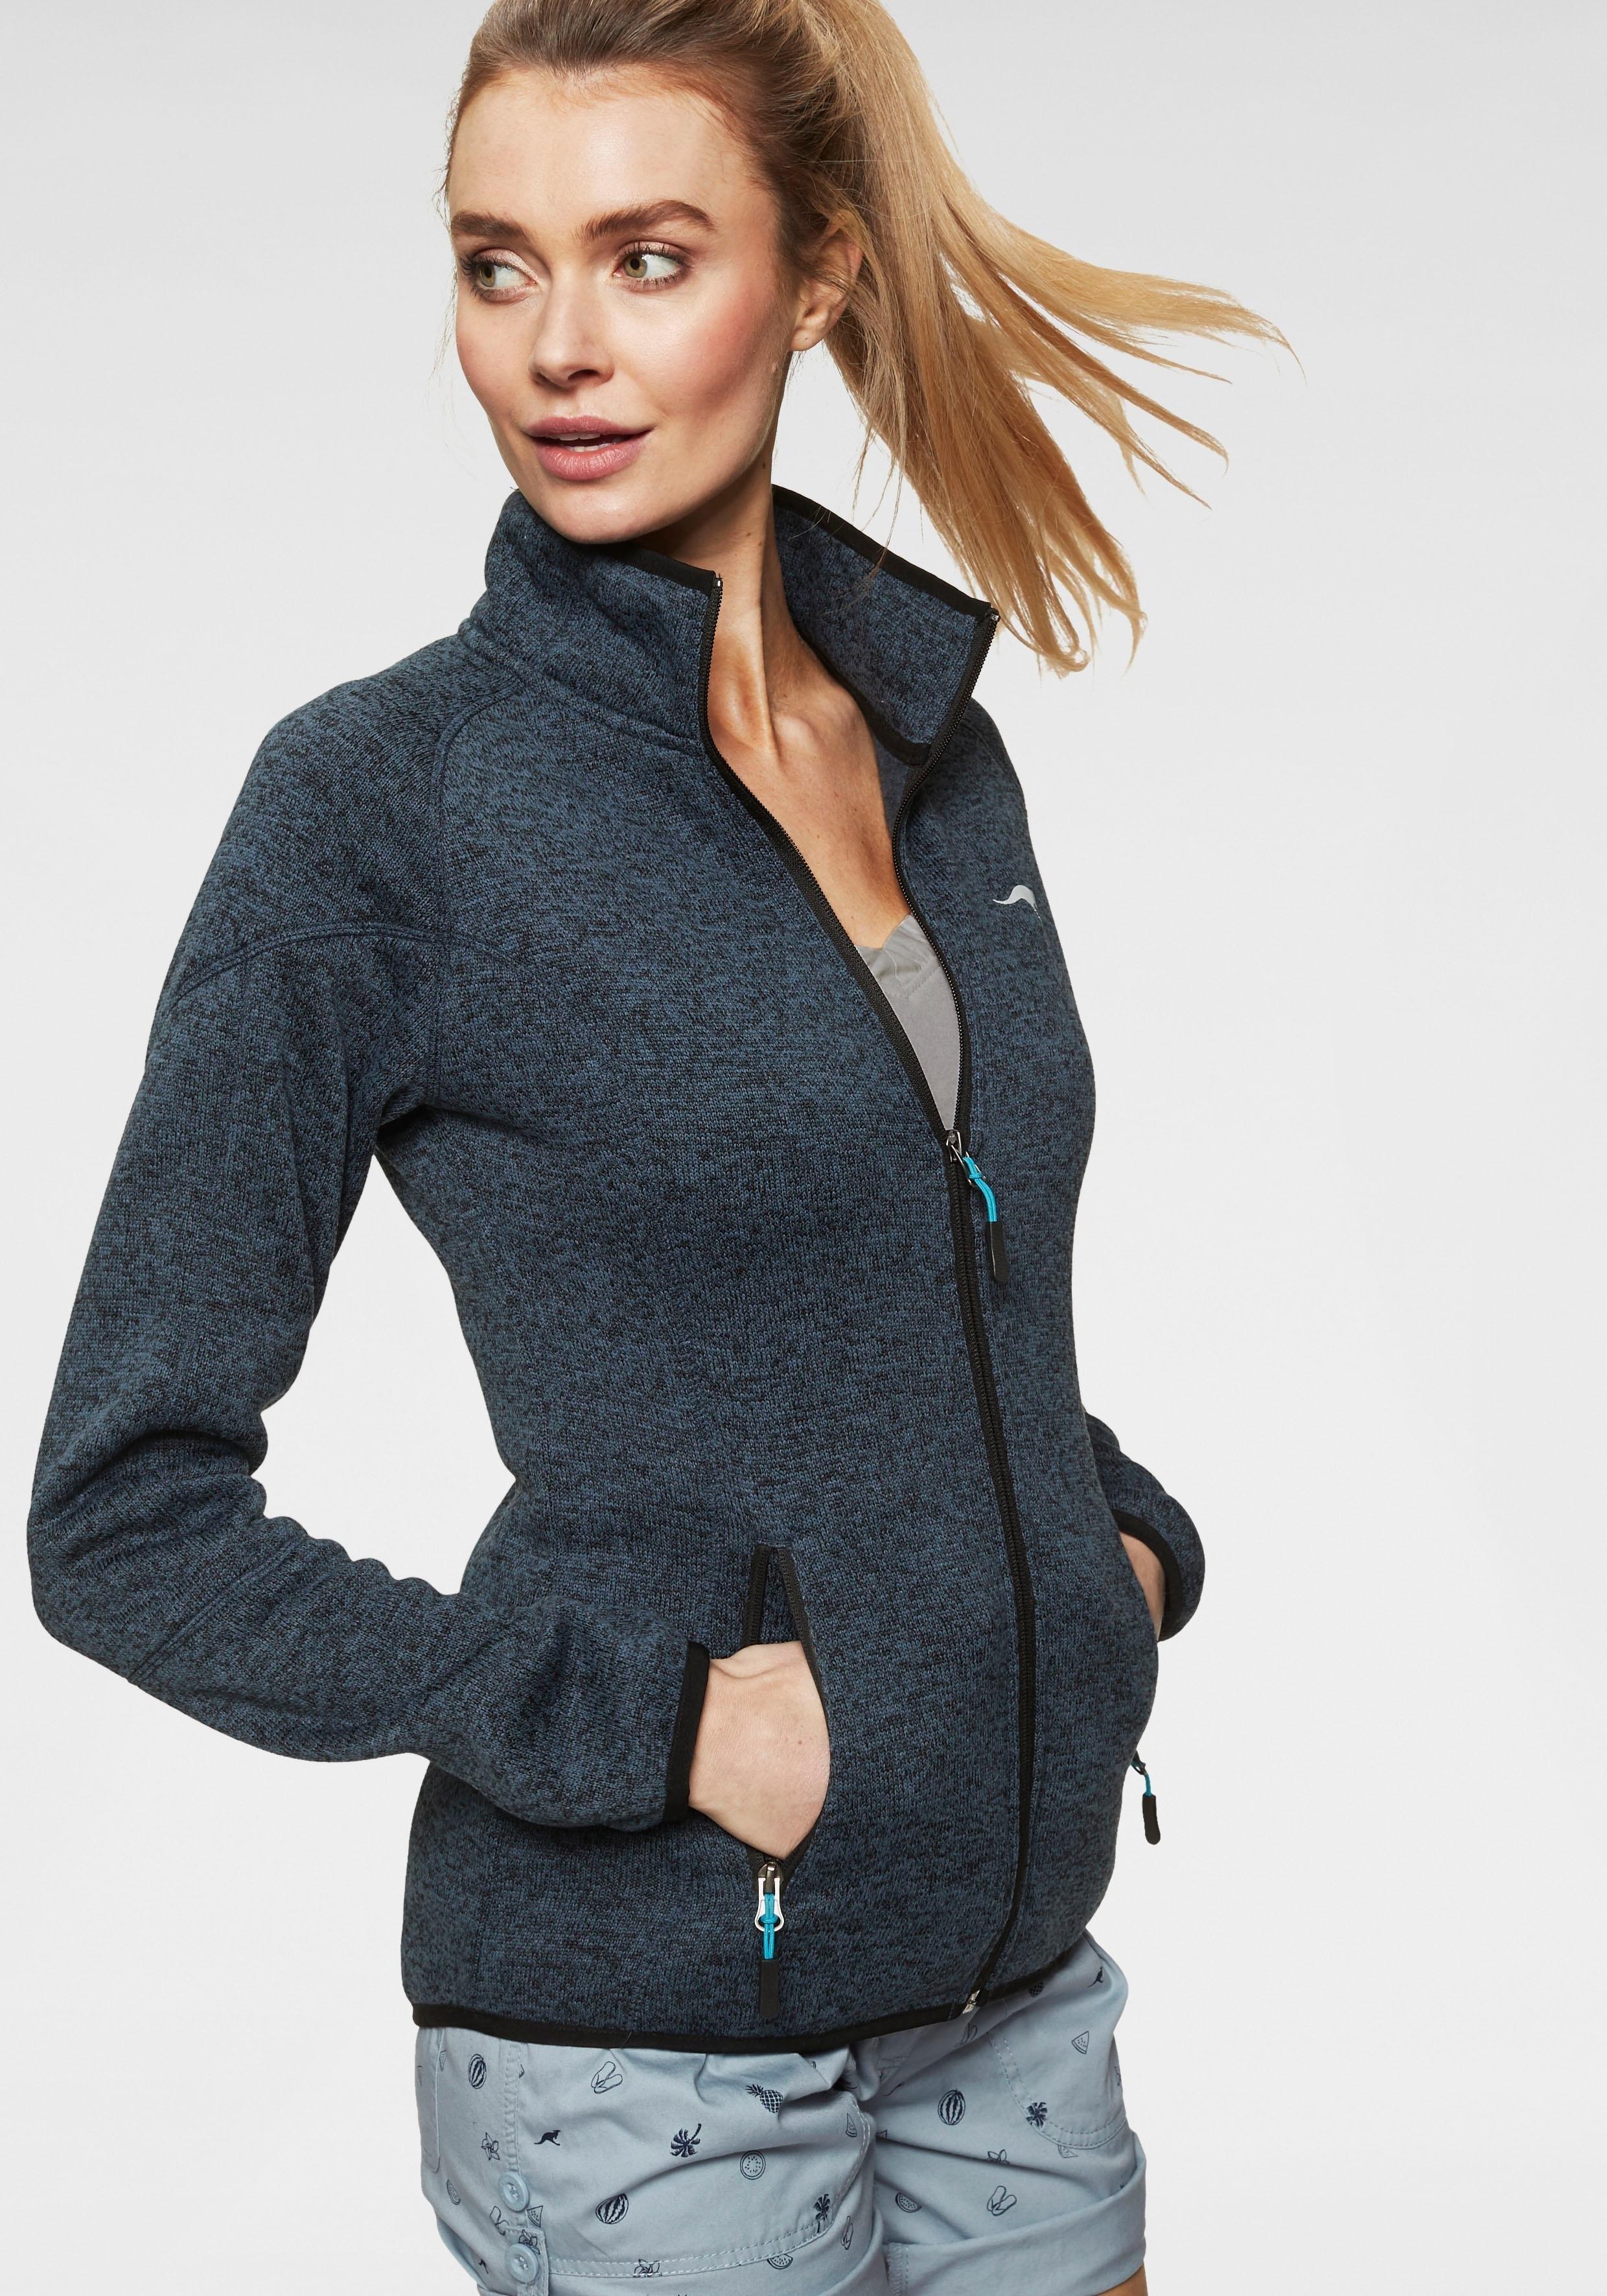 KangaROOS tricot-fleecejack met ritssluiting in contrastkleur voordelig en veilig online kopen